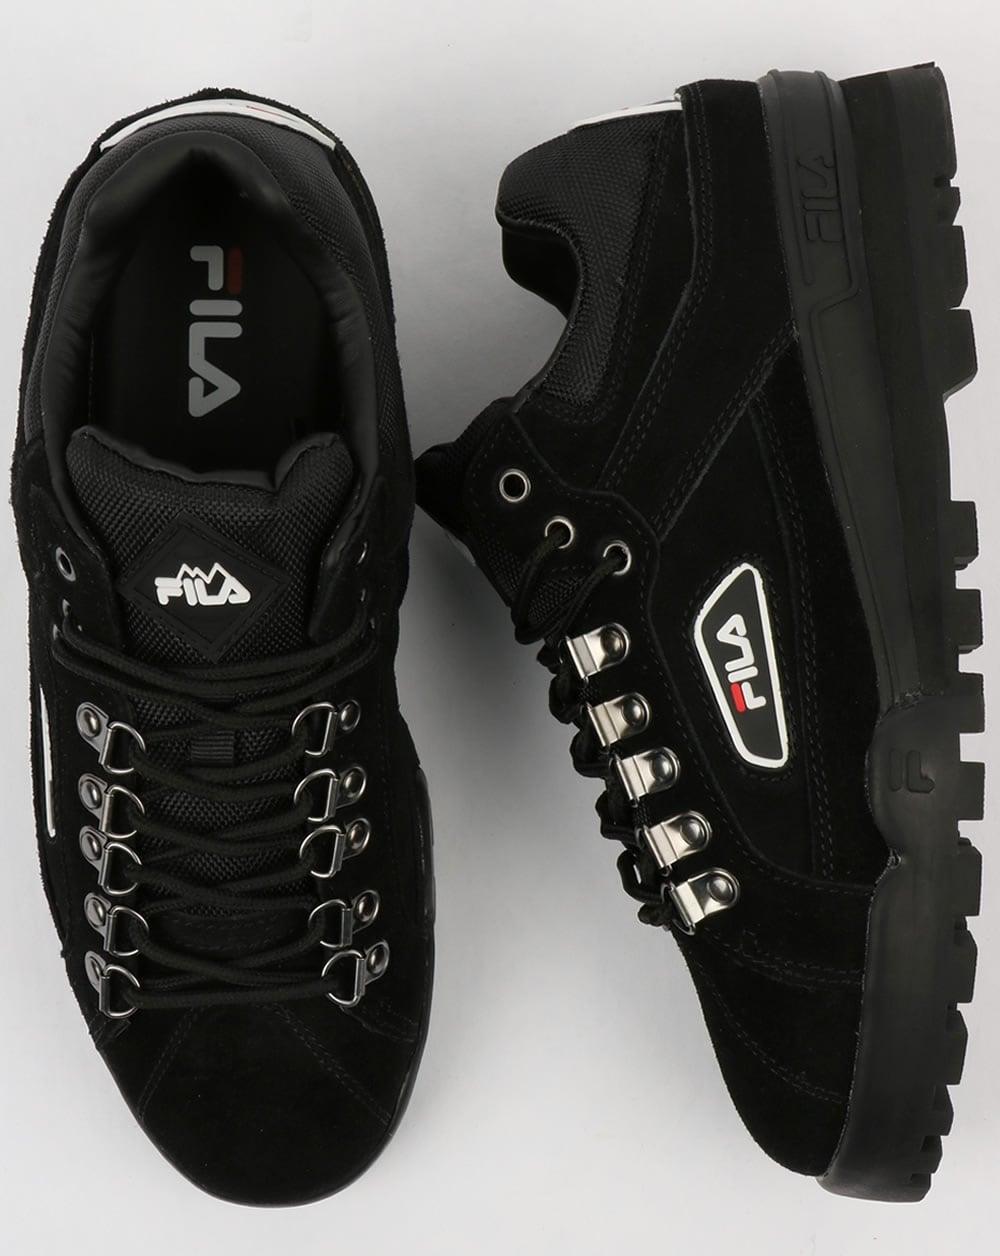 5b68fd5bdd4f Fila Vintage Trailblazer Suede Boots Black